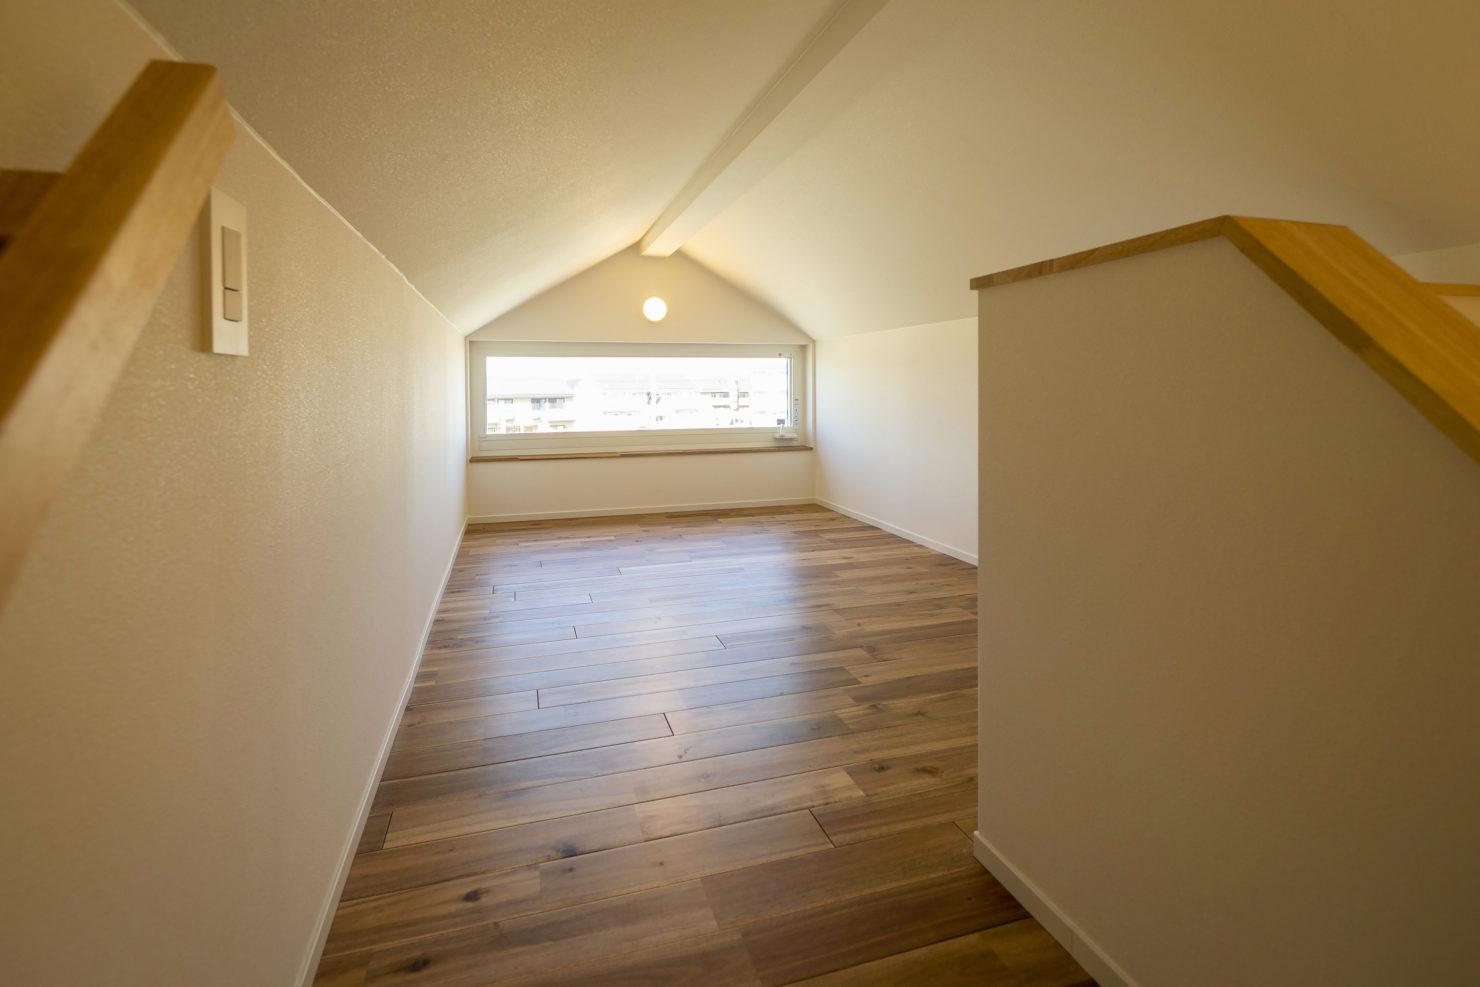 ハウスM21+archi「周囲との関係性・持続性のあるデザイン」小屋裏写真